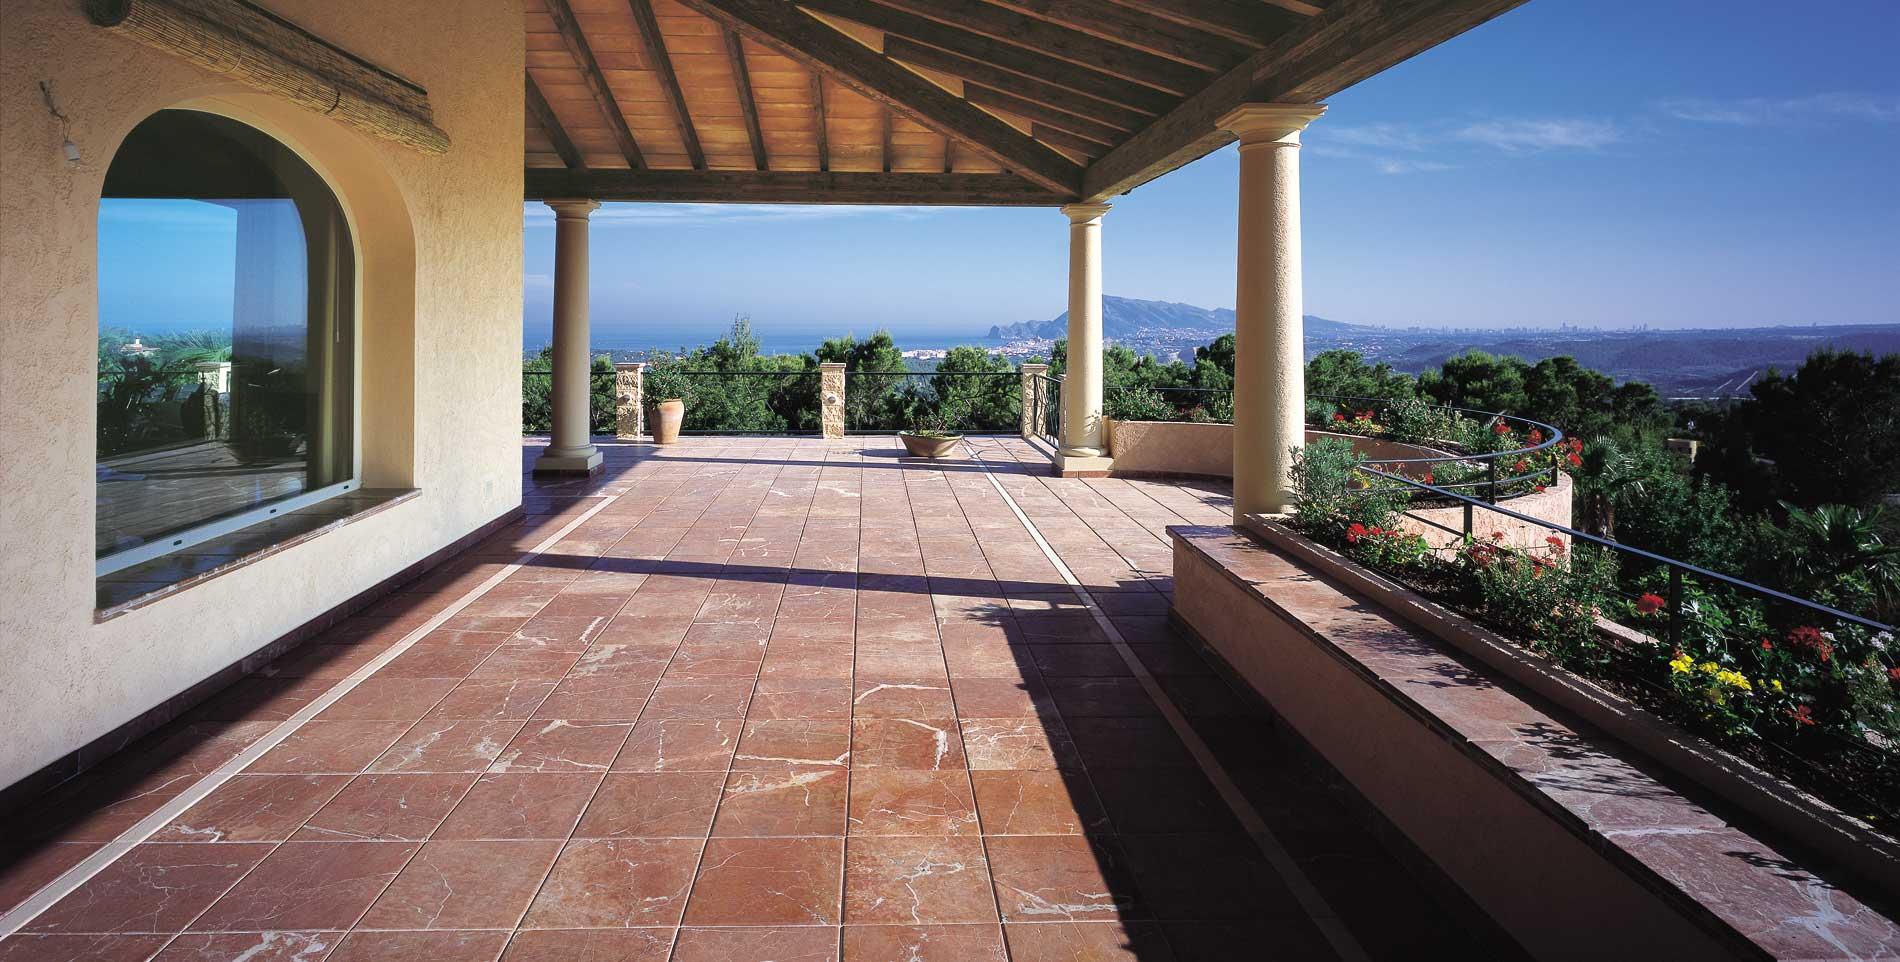 Suelo de piedra para exterior top piedra caliza melange de solnhofen en textura aserrado es muy - Suelos de piedra para exterior ...